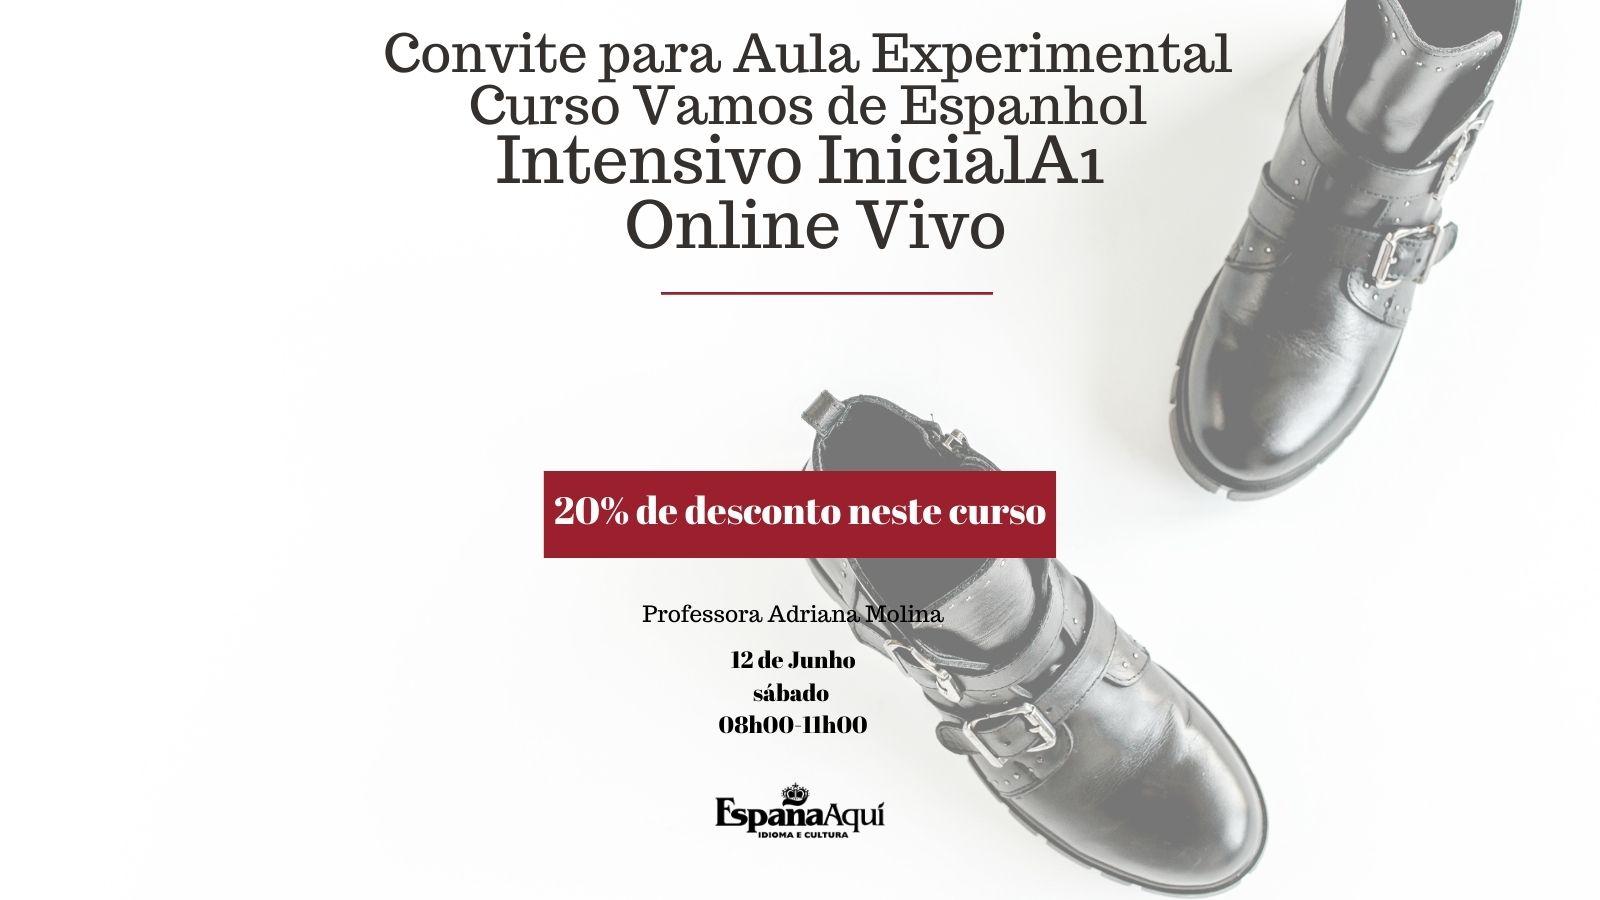 http://www.espanaaqui.com.br/pdf/Junho%202021/intensivo%20a1.%2012%20Junho.jpg